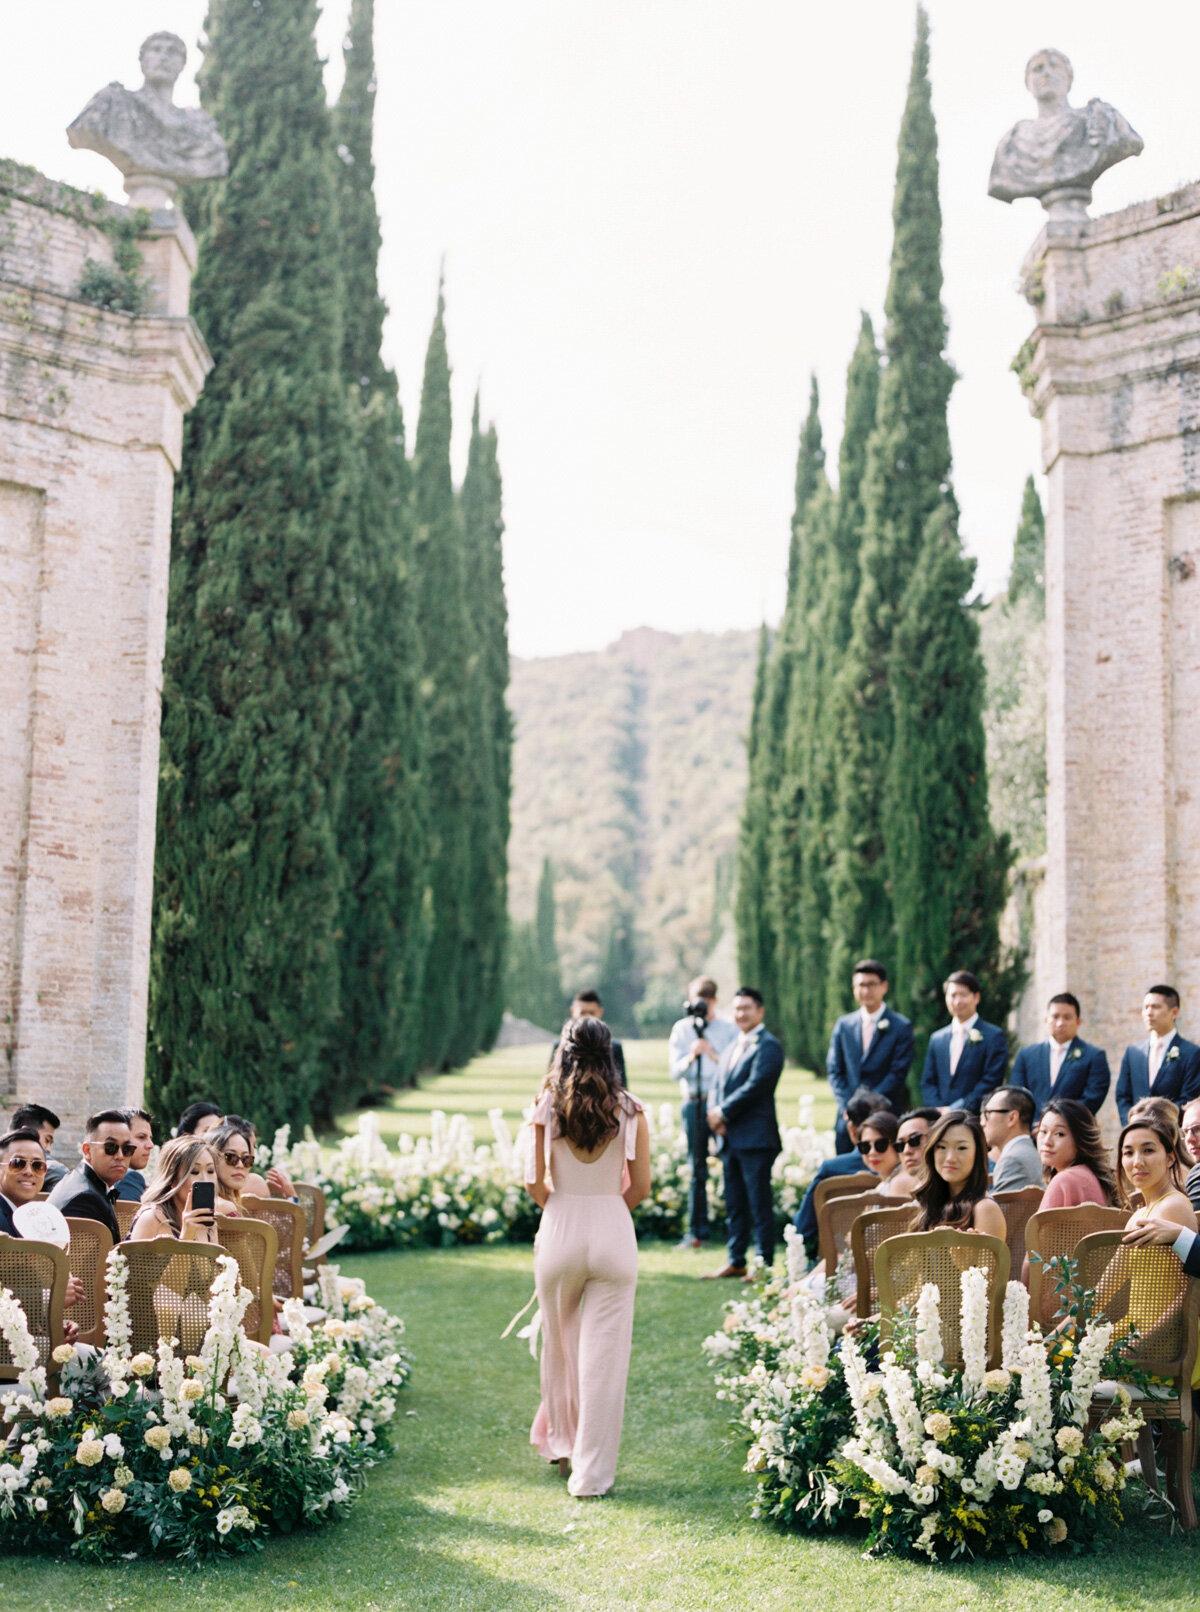 Villa-Cetinale-Tuscany-Katie-Grant-destination-wedding (58 of 115).jpg